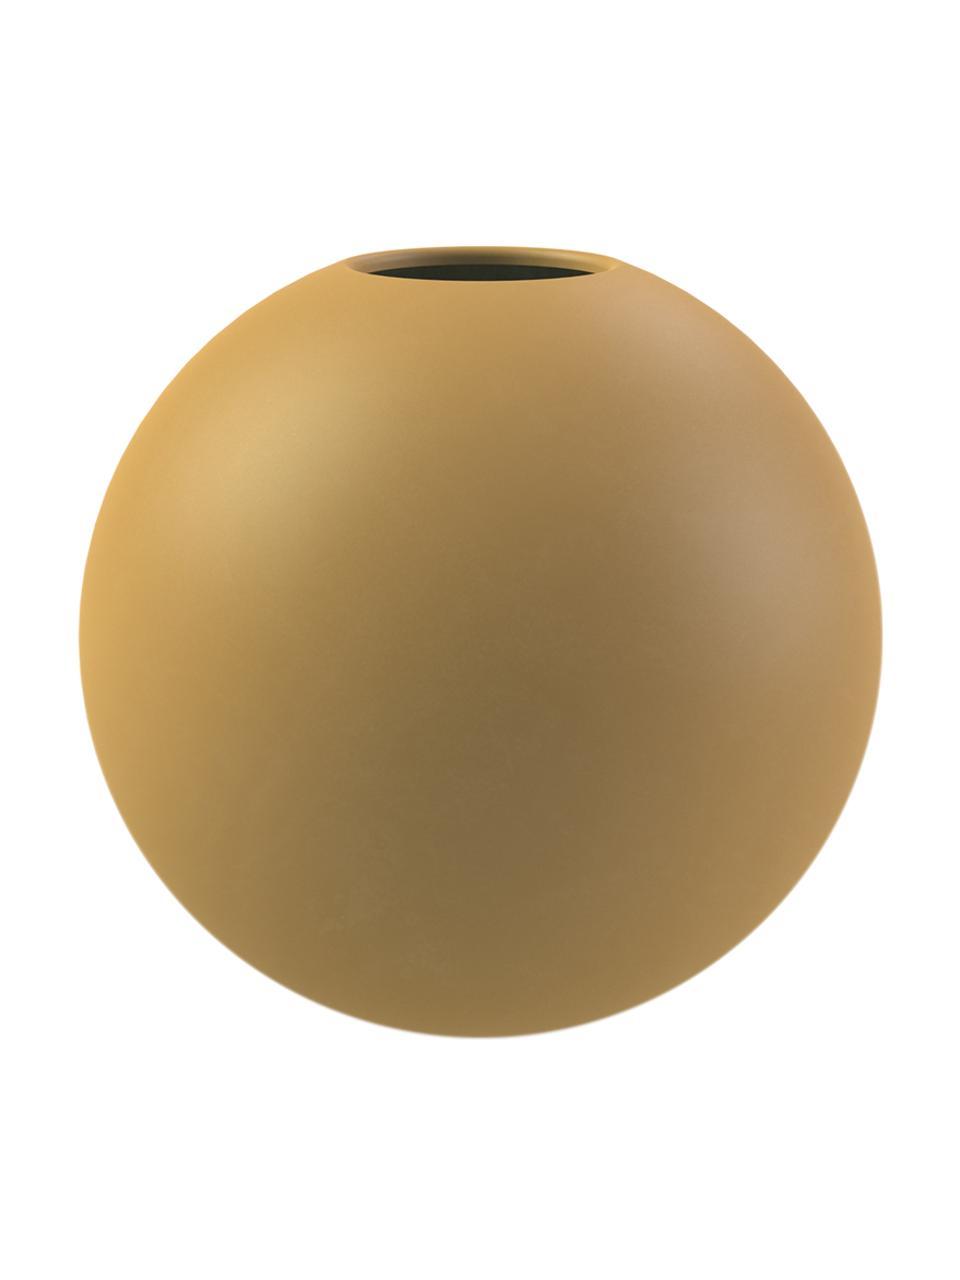 Vaso a sfera fatto a mano Ball, Ceramica, Giallo ocra, Ø 10 x Alt. 10 cm